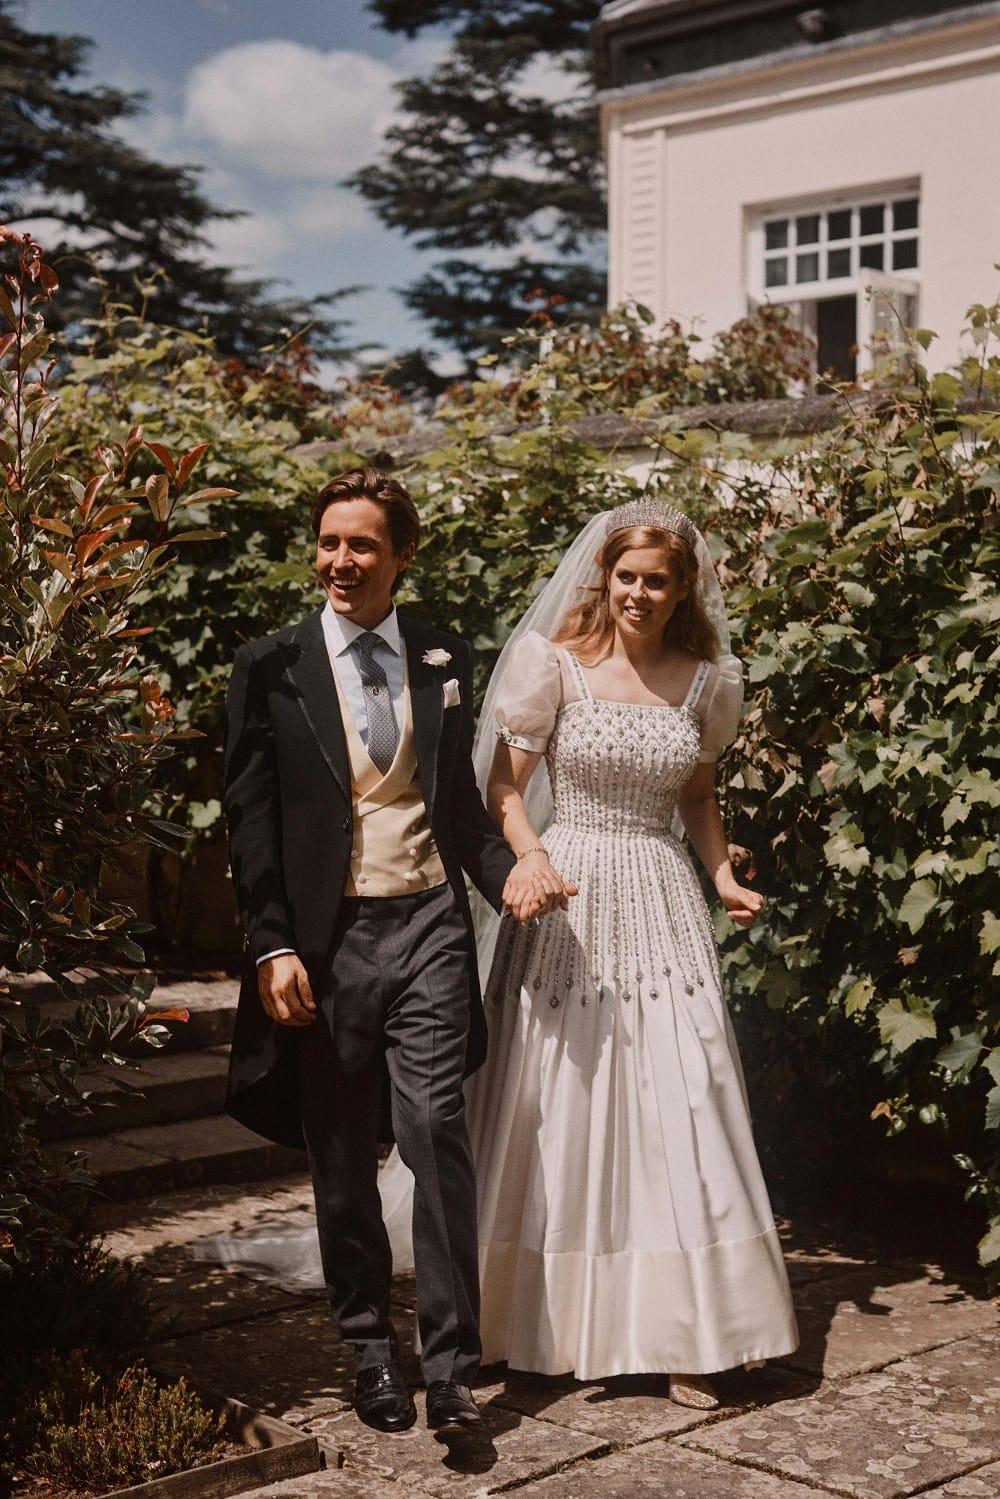 La dichiarazione di Edoardo Mapelli Mozzi a Beatrice di York: Il tuo cuore lo porto con me